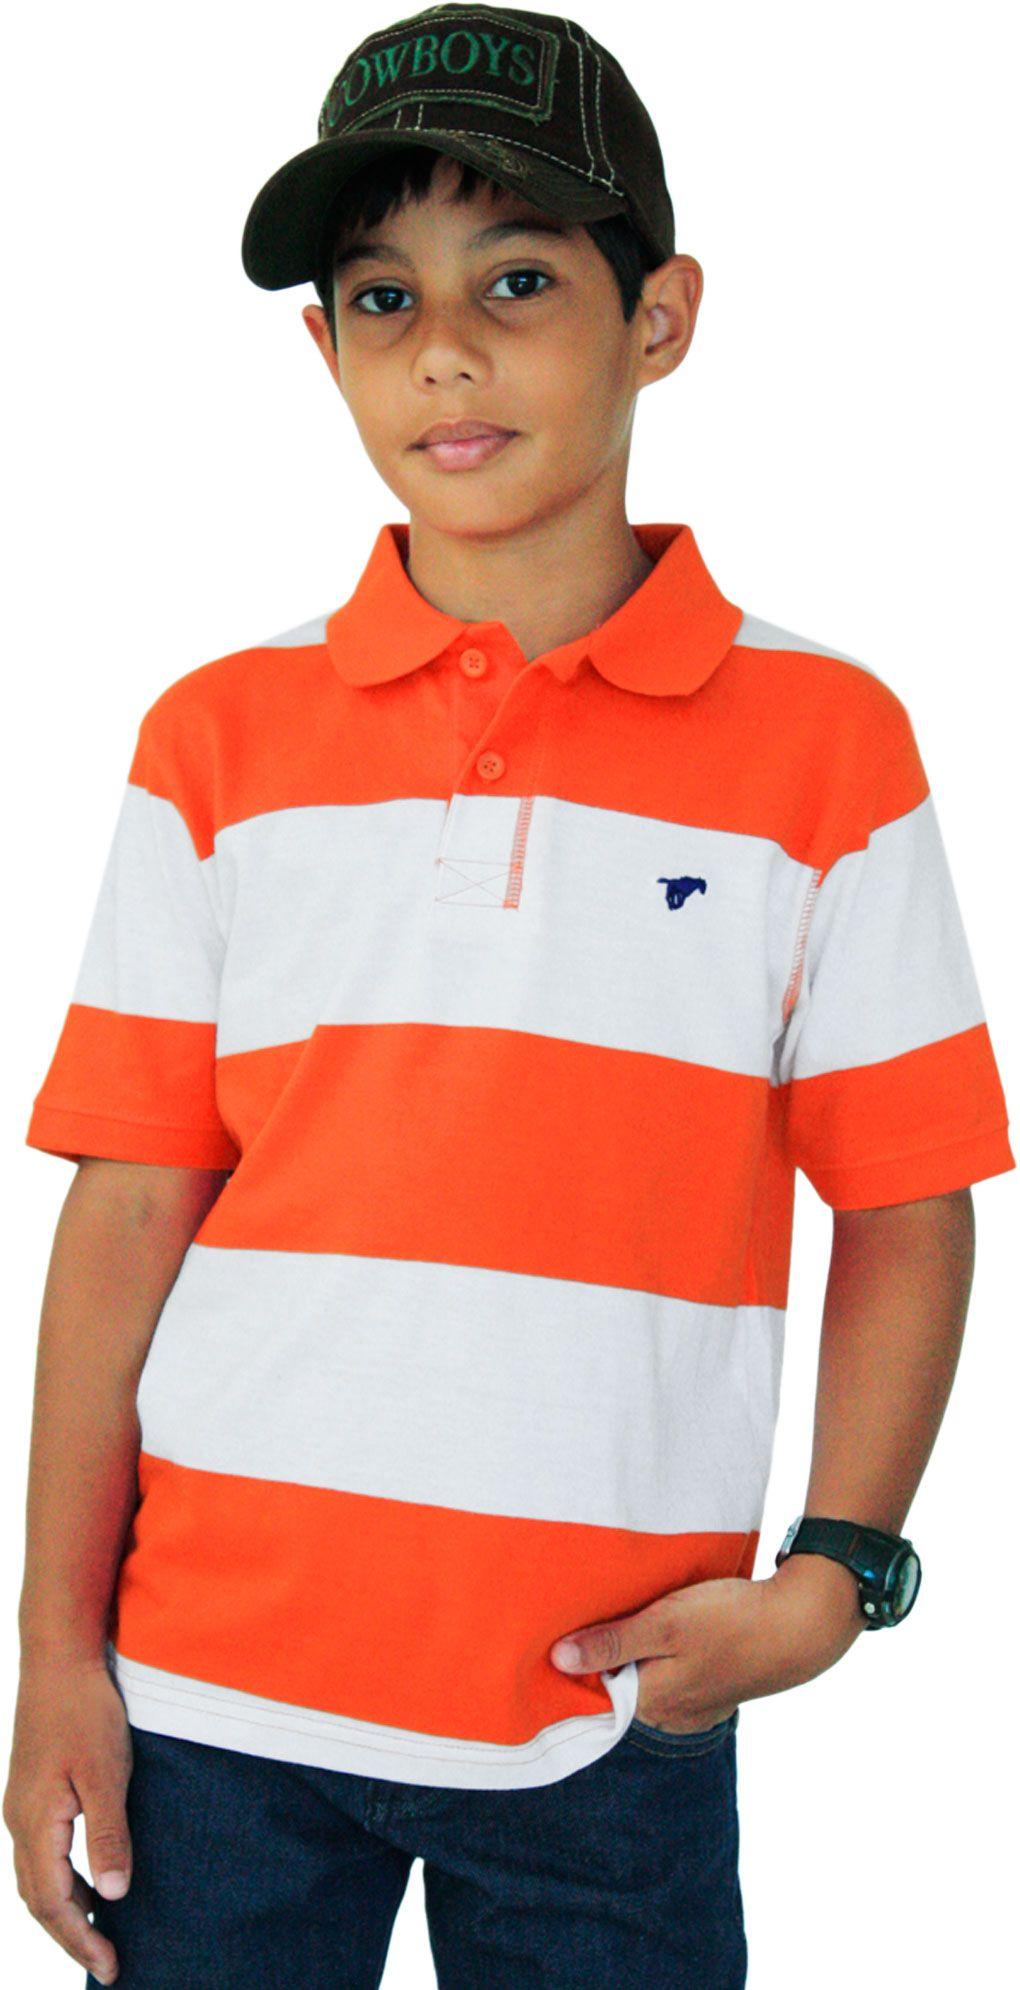 dc654223a2 Camiseta Polo Infantil Listrada Wrangler Camiseta polo infantil listrada na  cor laranja e branco. Desenho